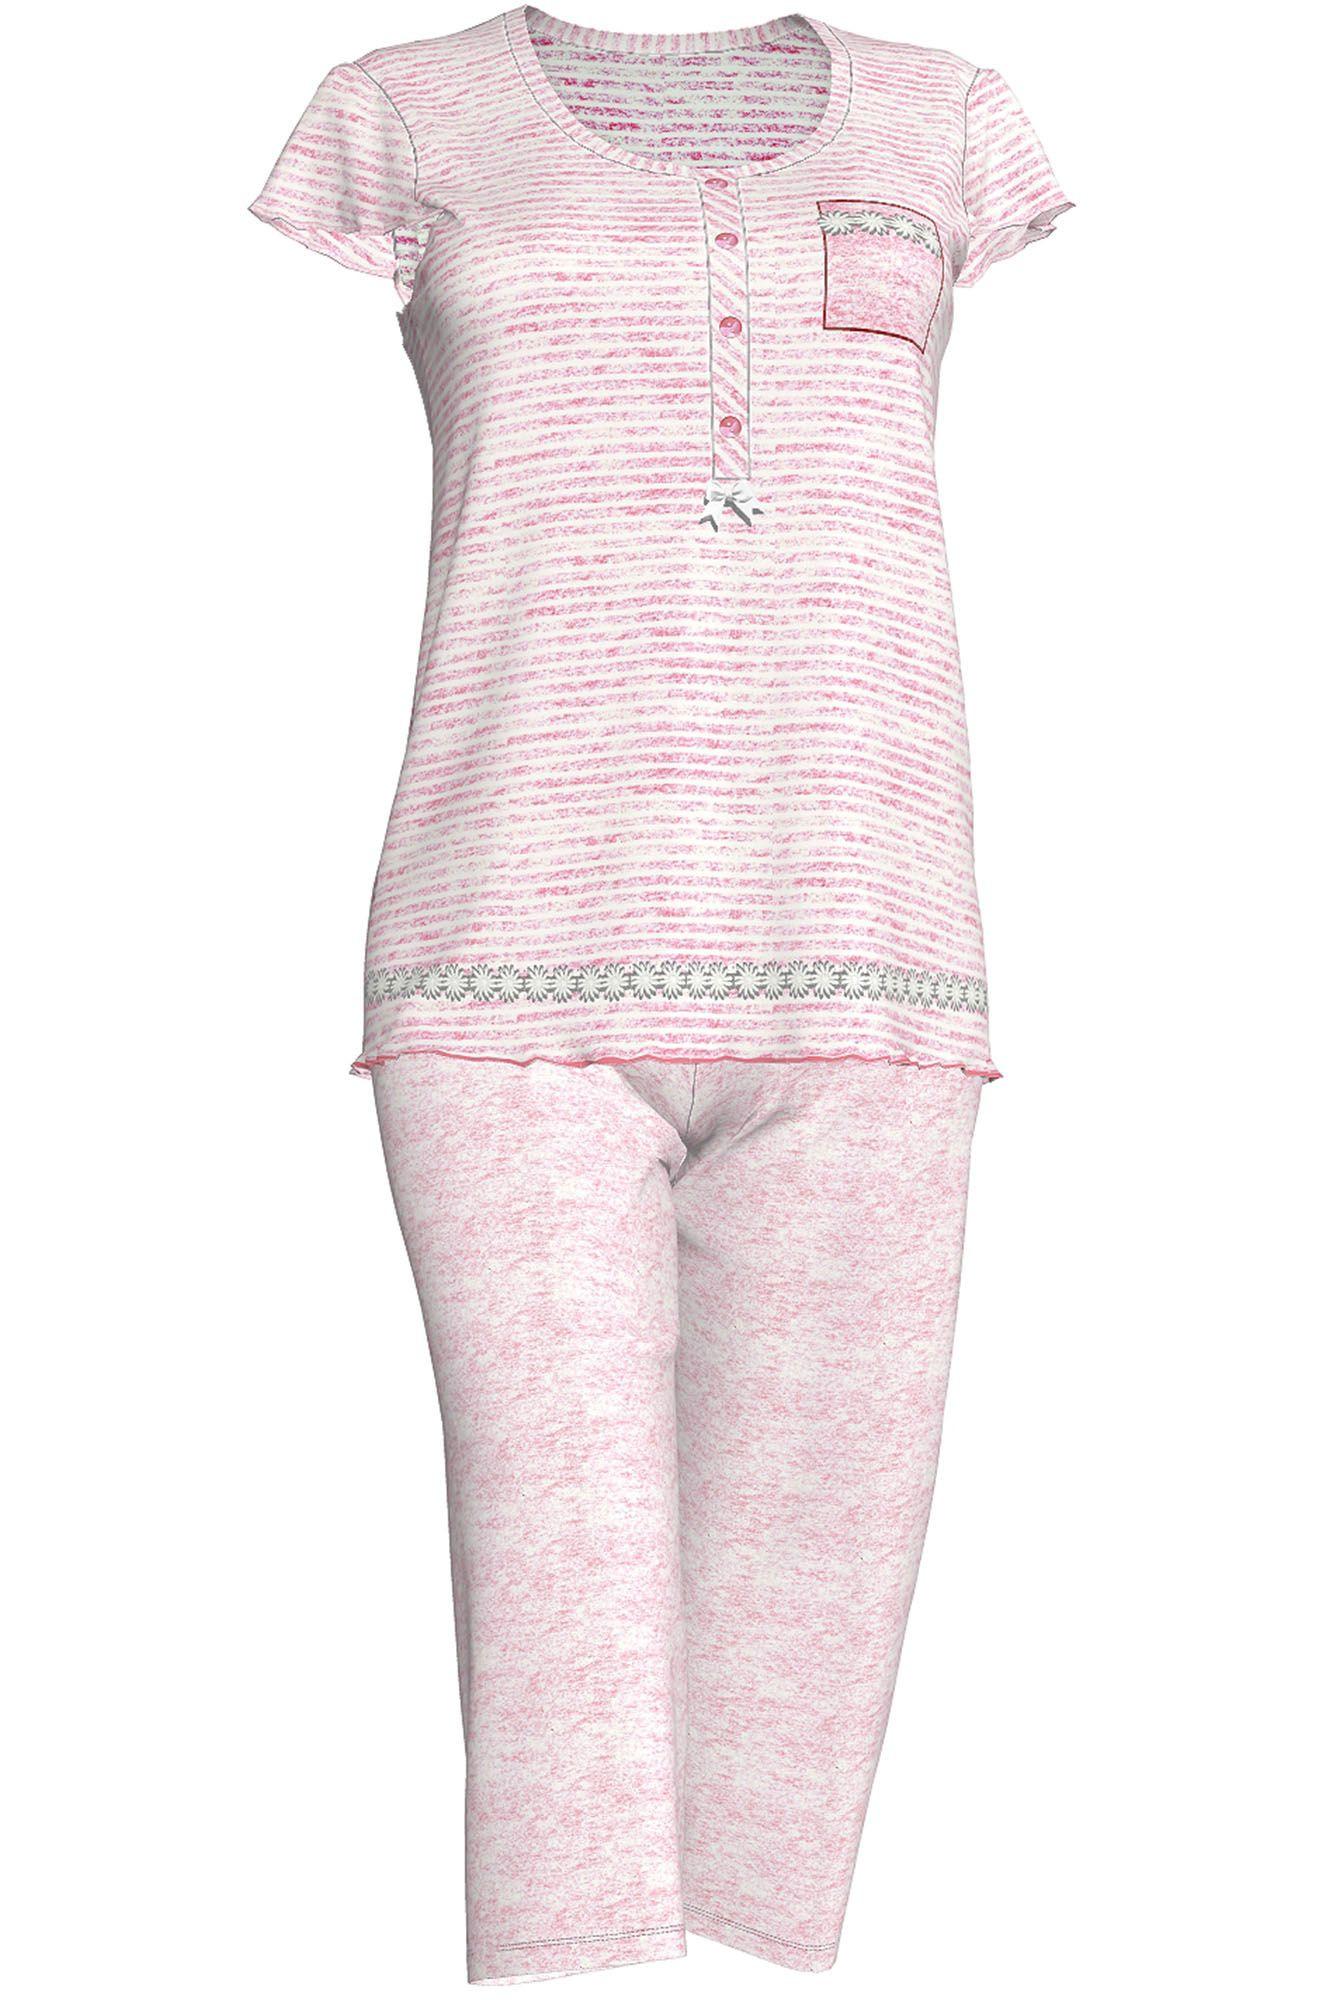 Dámské pyžamo 3086 - Vamp Barva: růžová proužky, Velikost: S